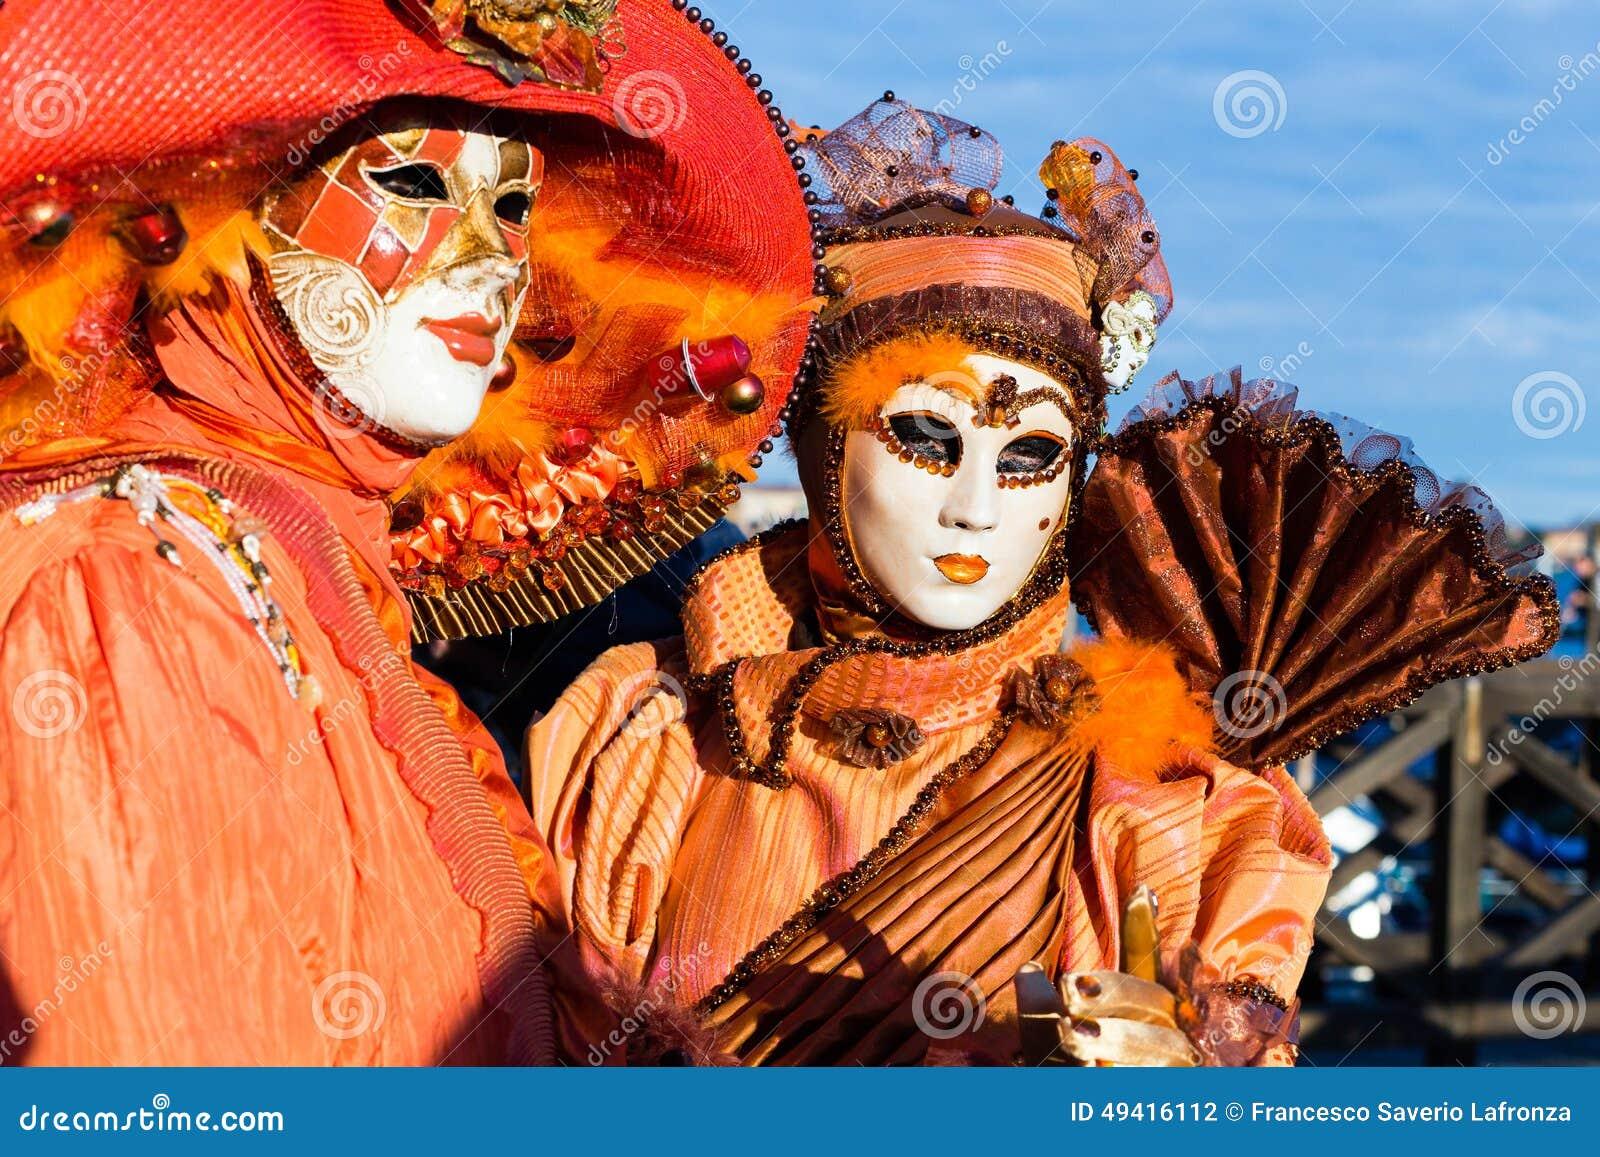 Download Karneval Von Venedig-Masken Redaktionelles Stockfotografie - Bild von festival, kostüm: 49416112